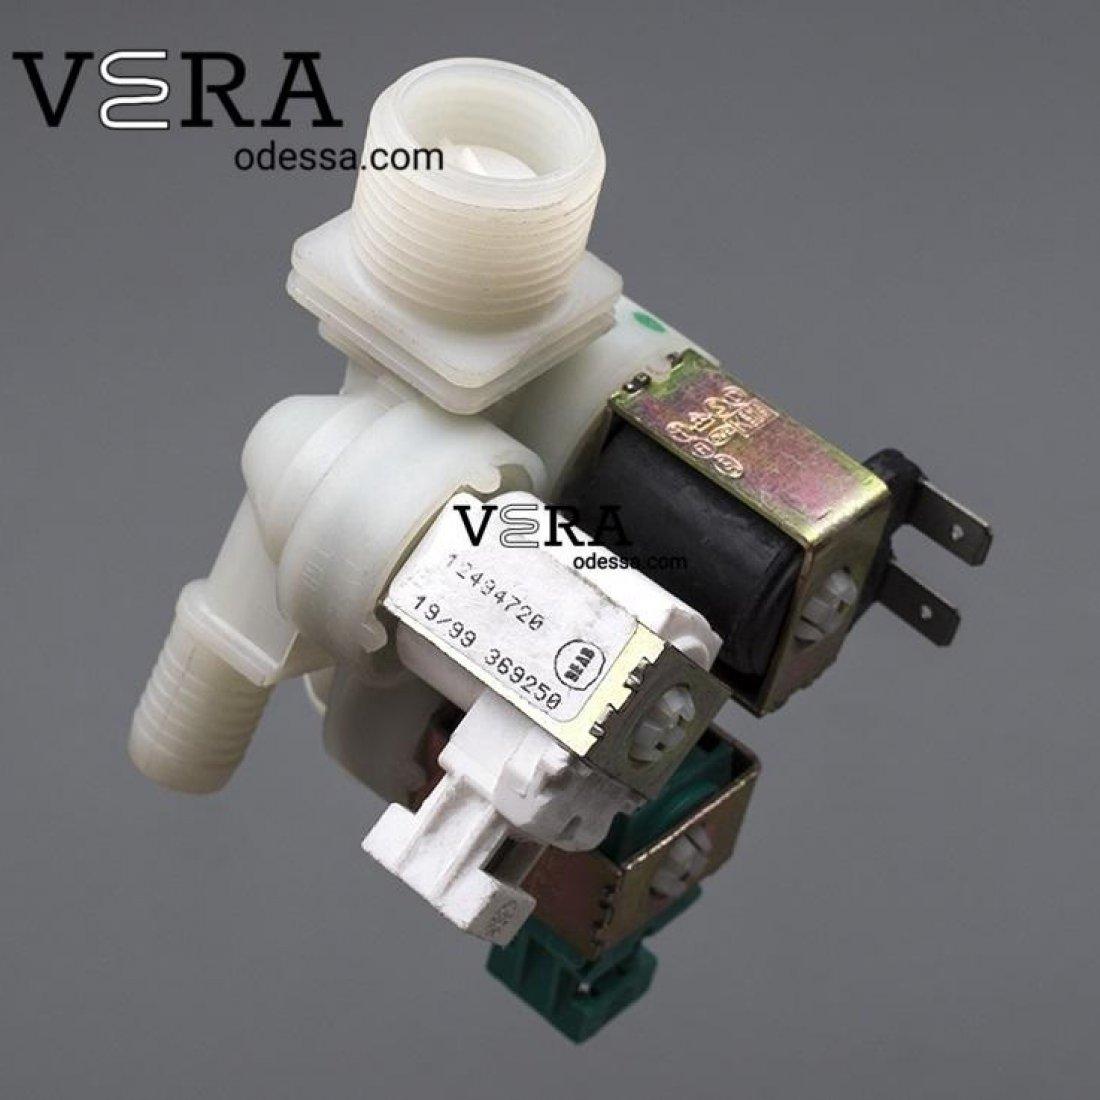 Купить клапан к стиральной машине ELECTROLUX 3/180 оптом, фотография 2